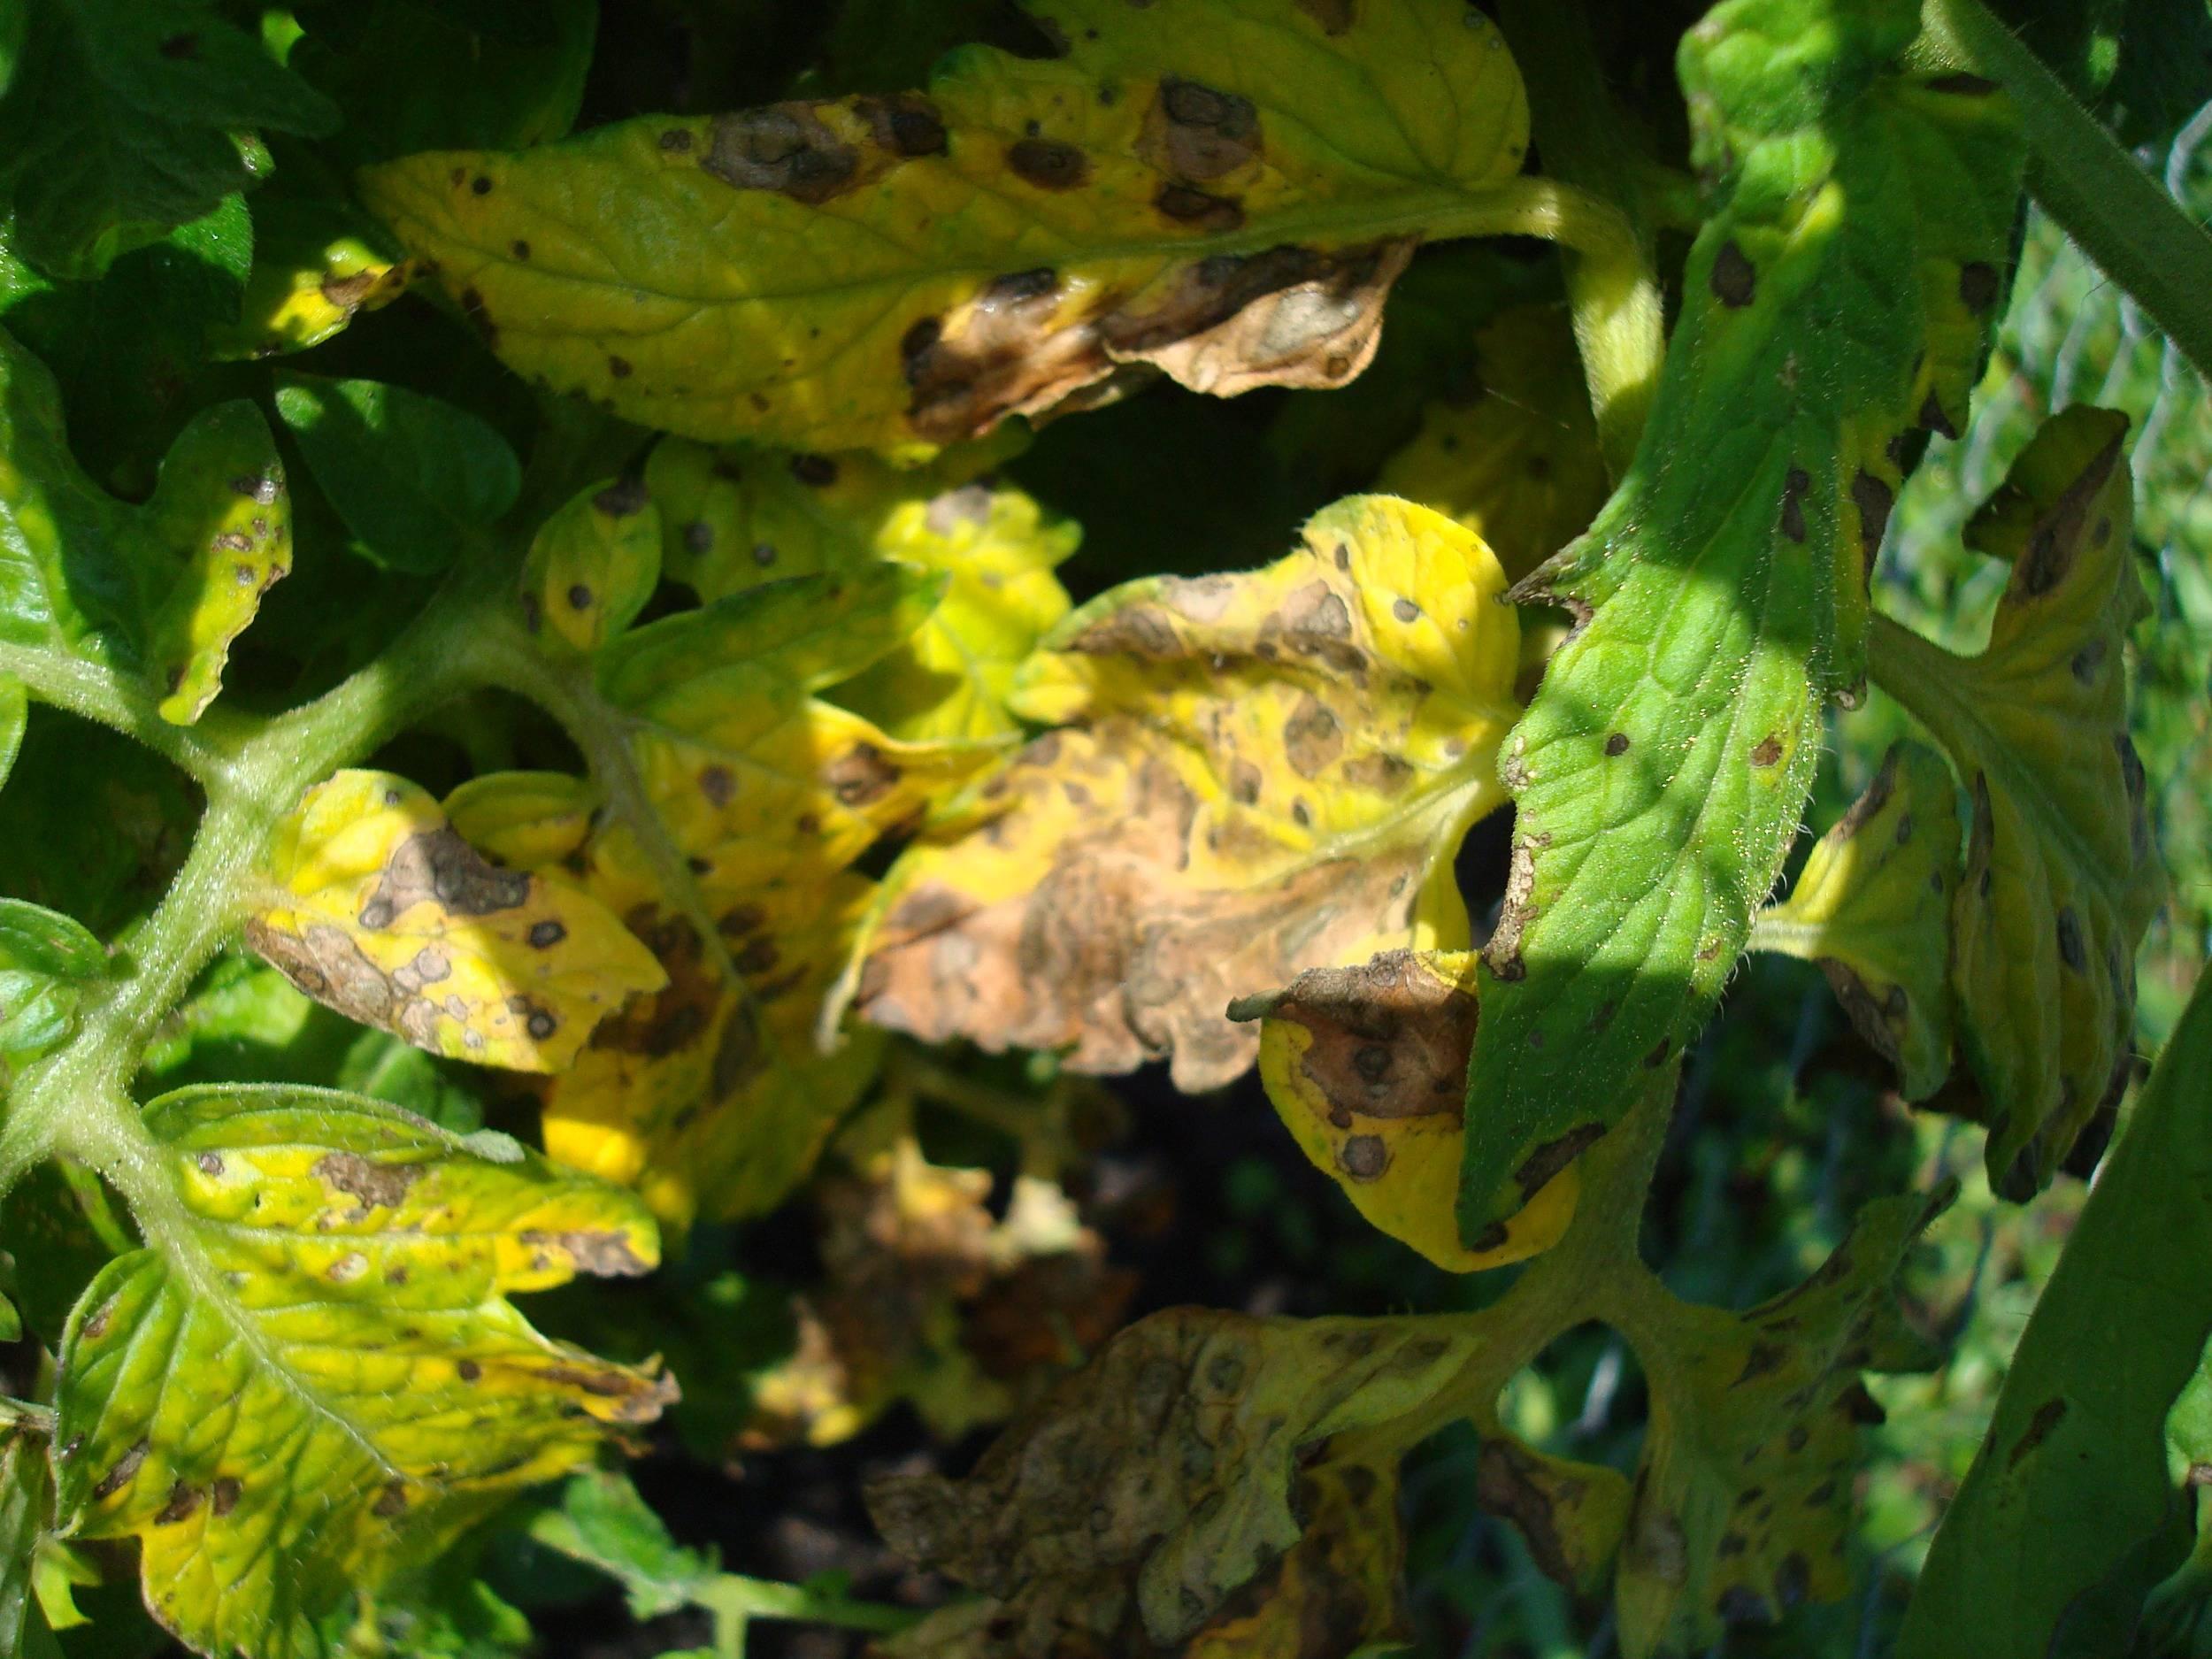 Побелели листья у рассады: причины и способы борьбы с ними | огородники